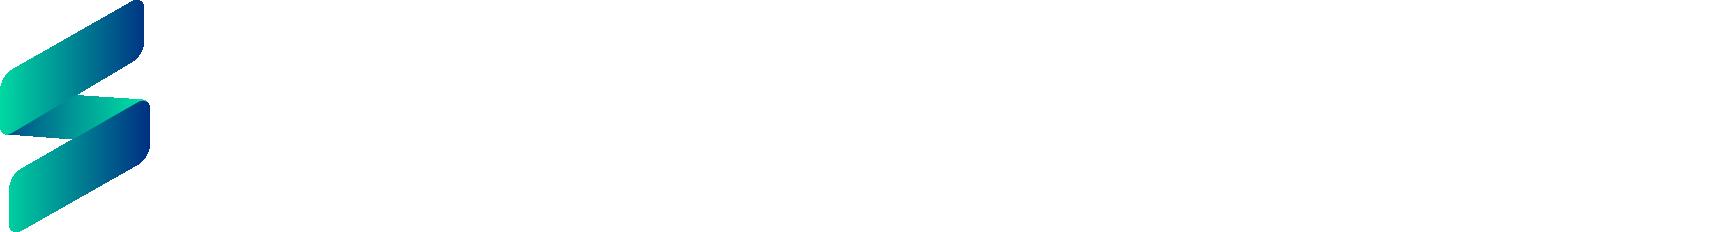 Seu Crédito Digital